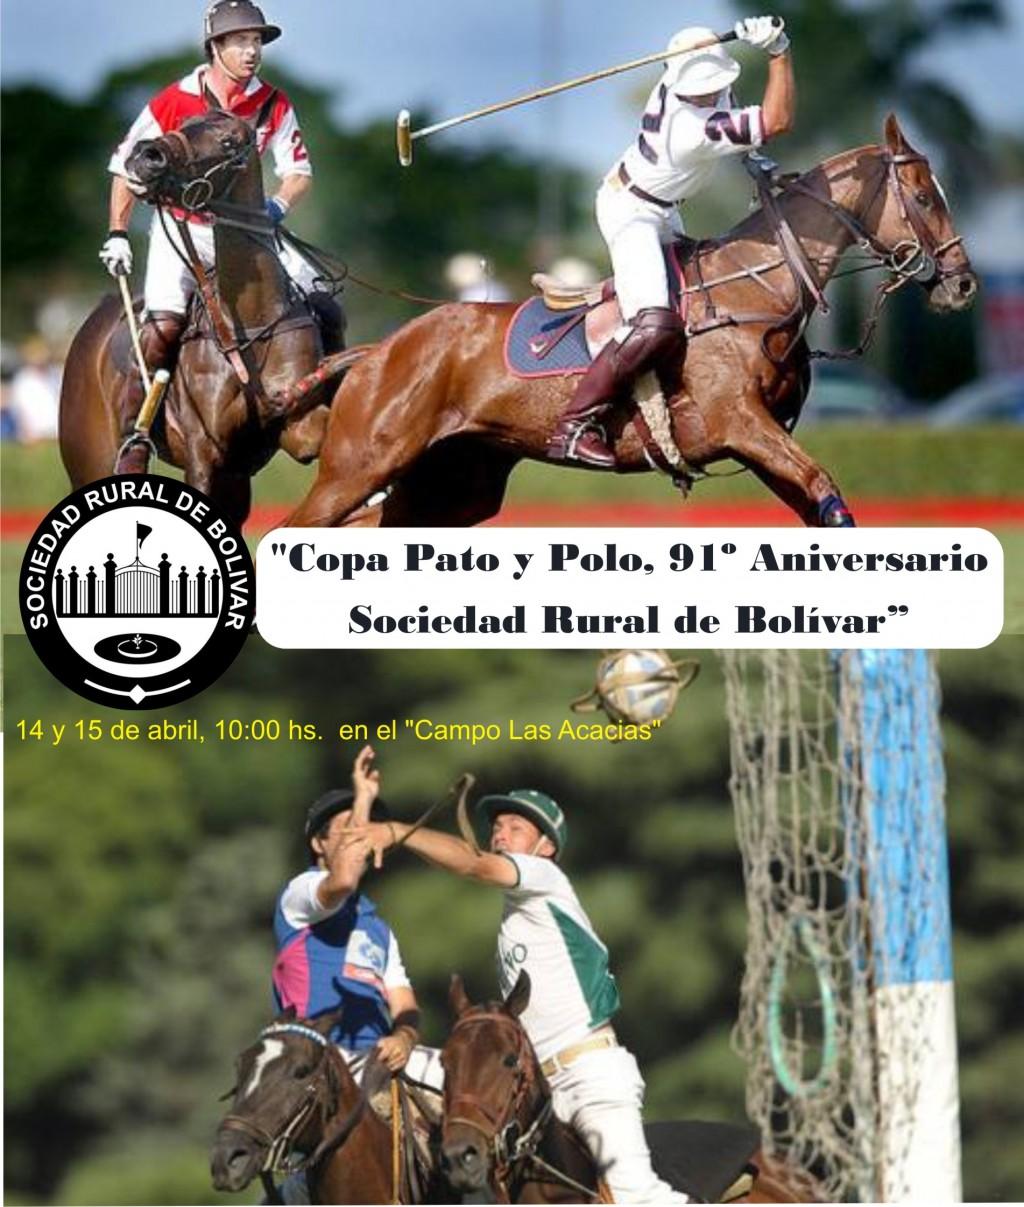 Jornada de Pato y Polo en el Campo Las Acacias de la Sociedad Rural de Bolívar